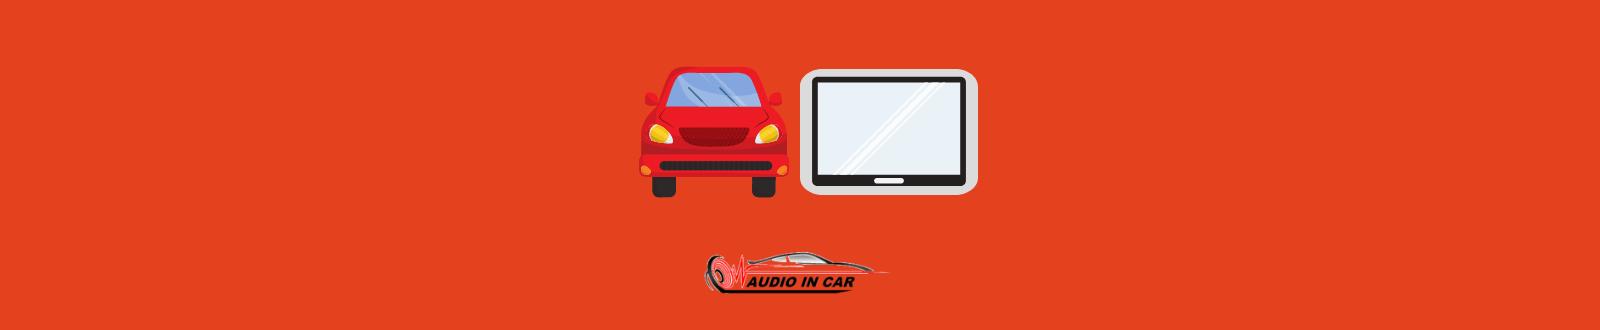 car-receiver